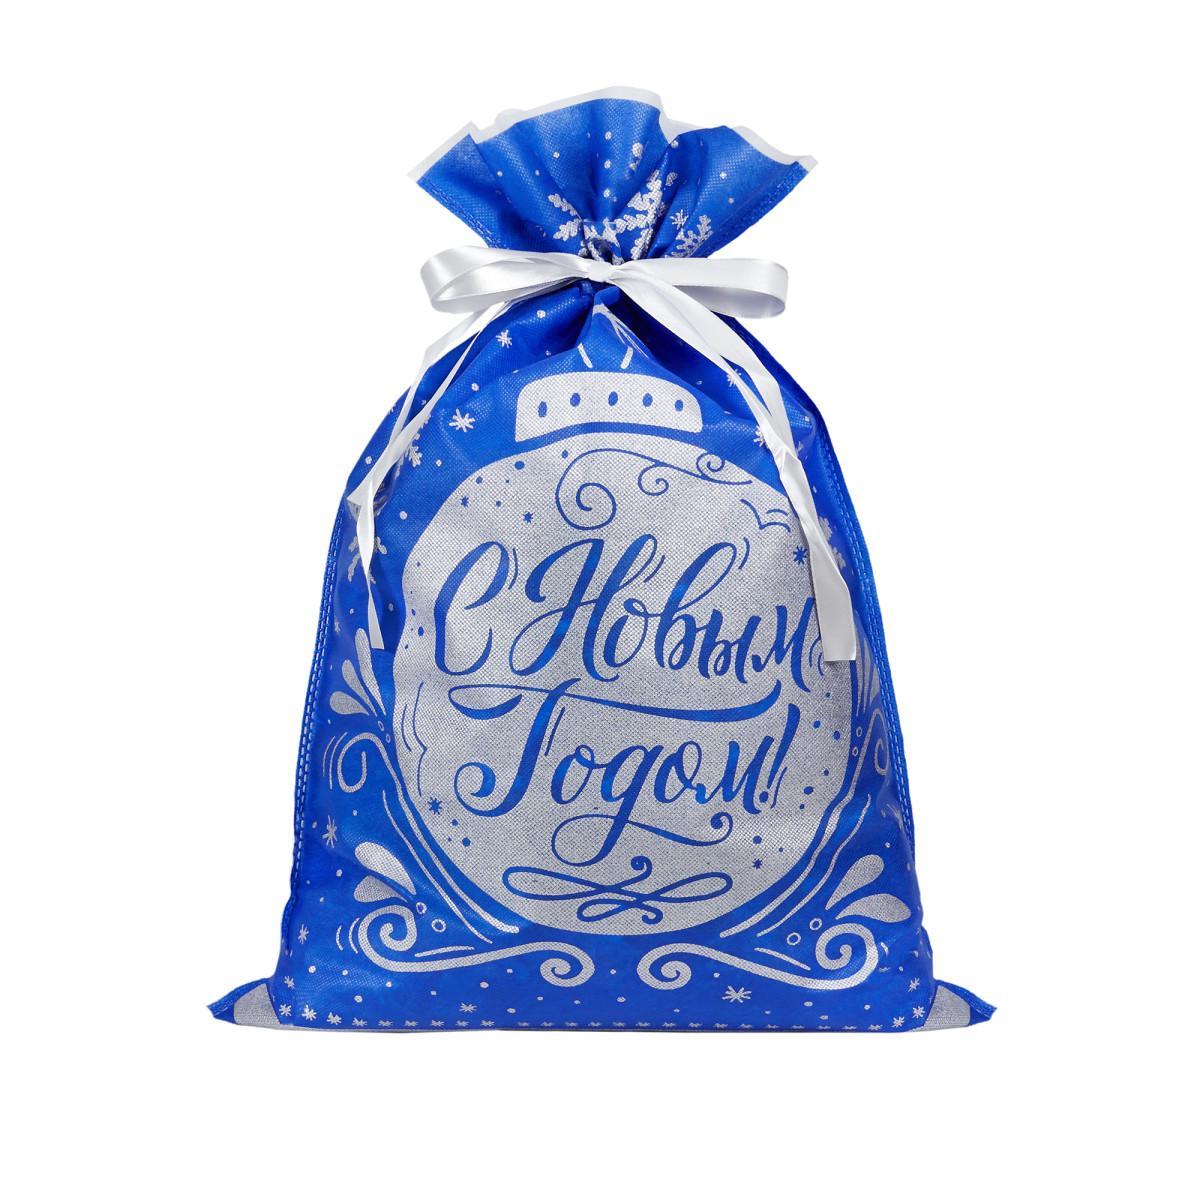 Мешочек для подарков С Новым годом с лентой 40x56 см цвет синий